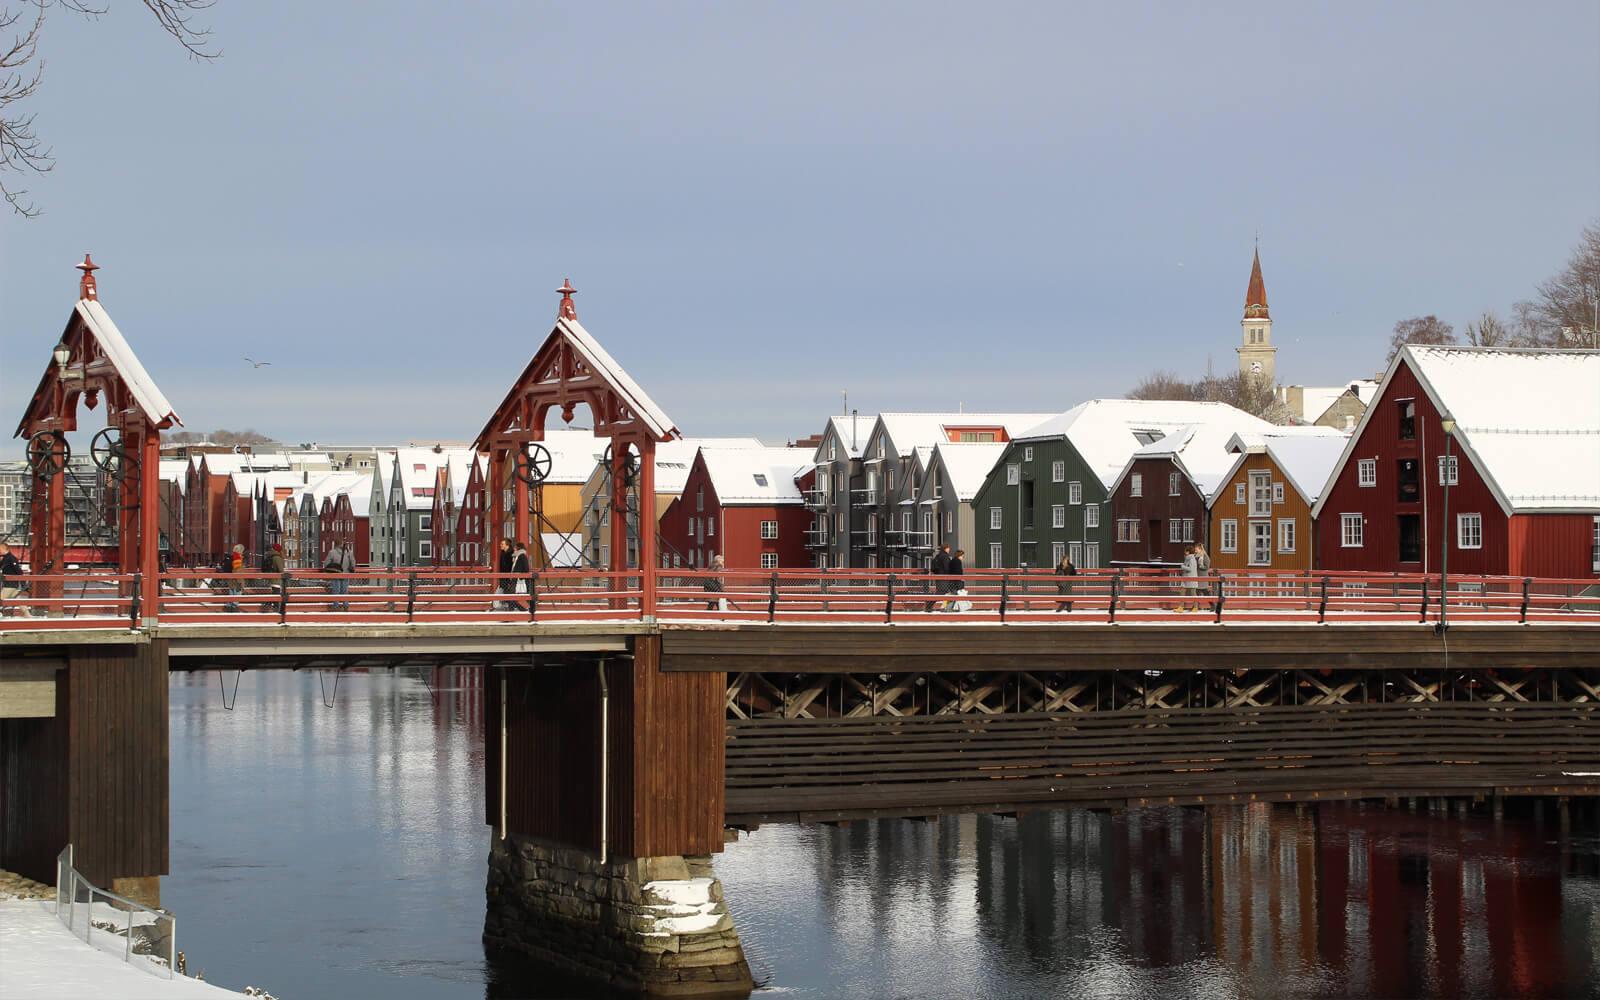 Alte Brücke und Häuserreihe spiegeln sich im Wasser